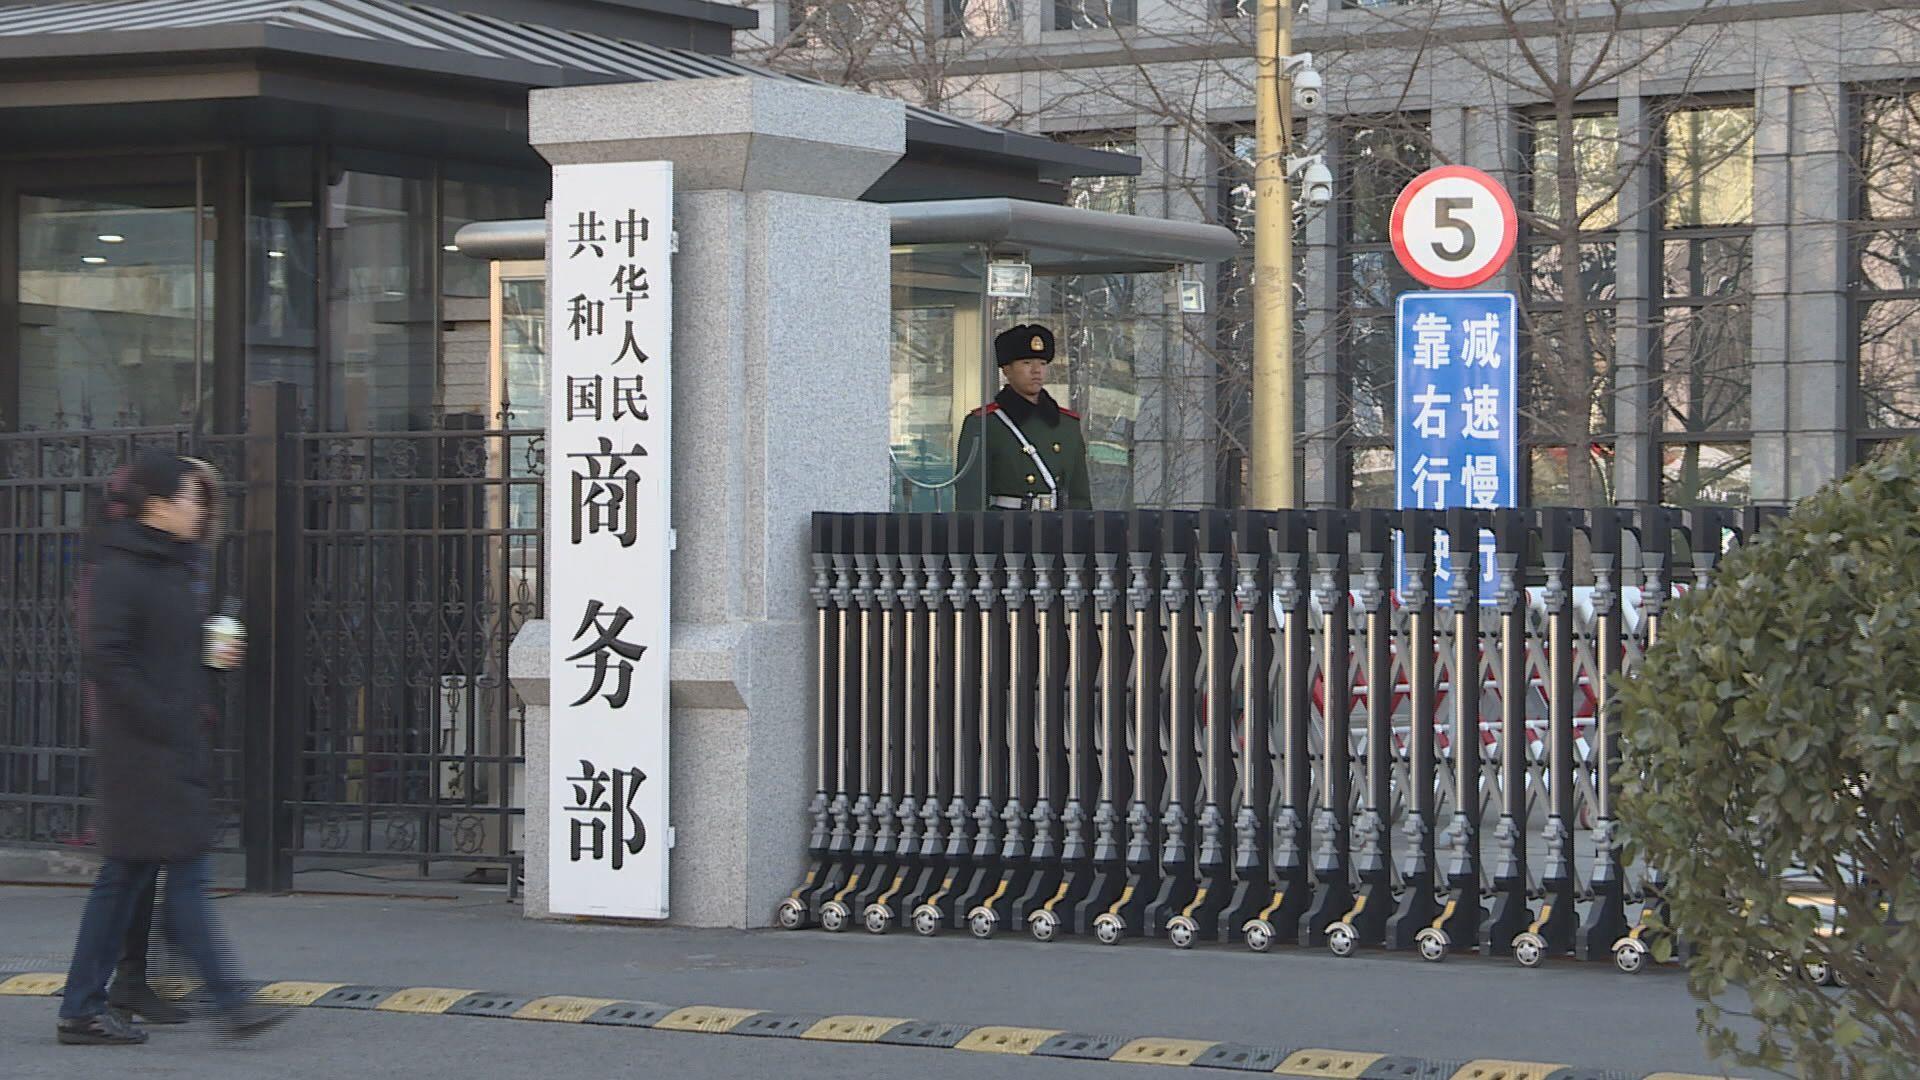 【中美貿戰升級】商務部:中方不得不同步進行反制